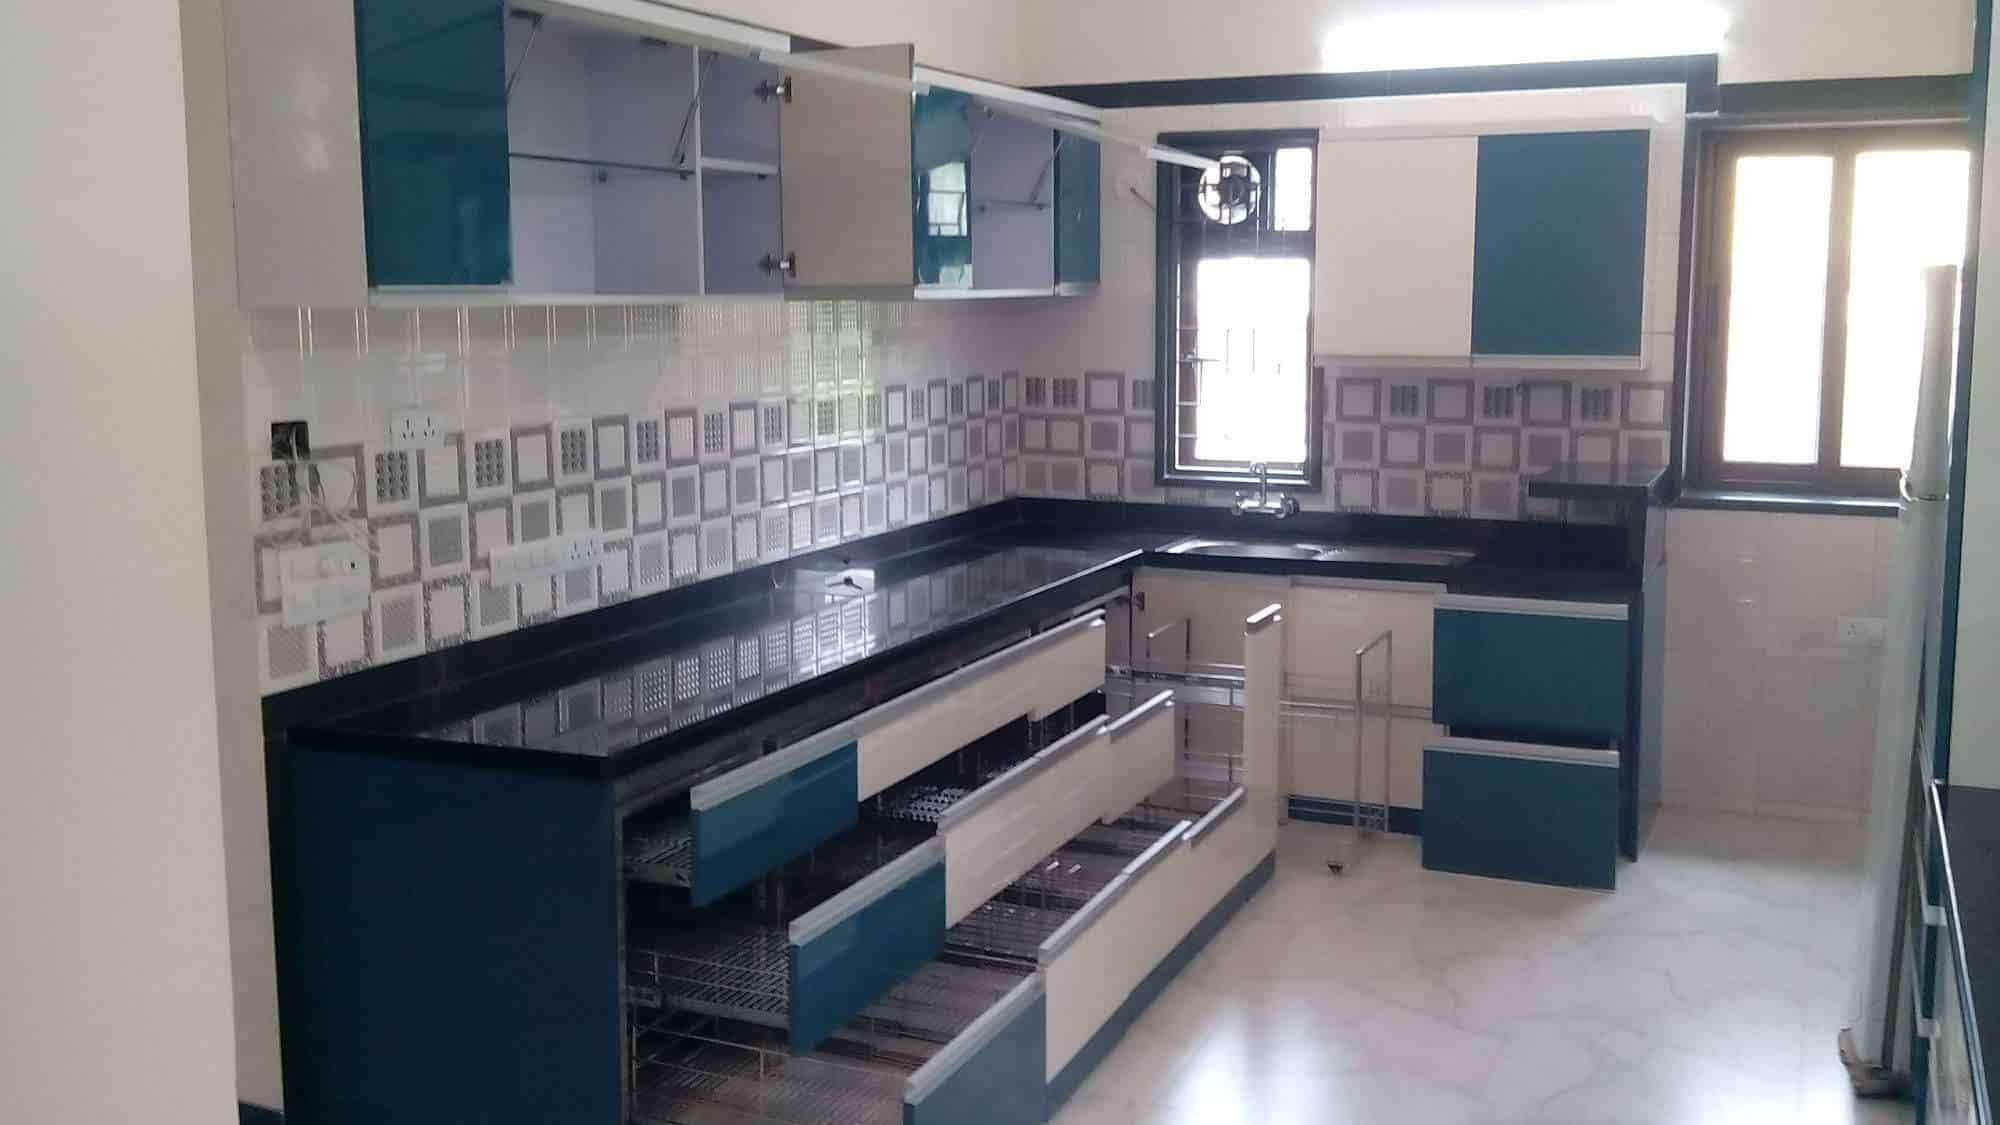 Suvidha Kitchen Trolleys, Gokhale Nagar - Kitchen Trolley Manufacturers in  Pune - Justdial